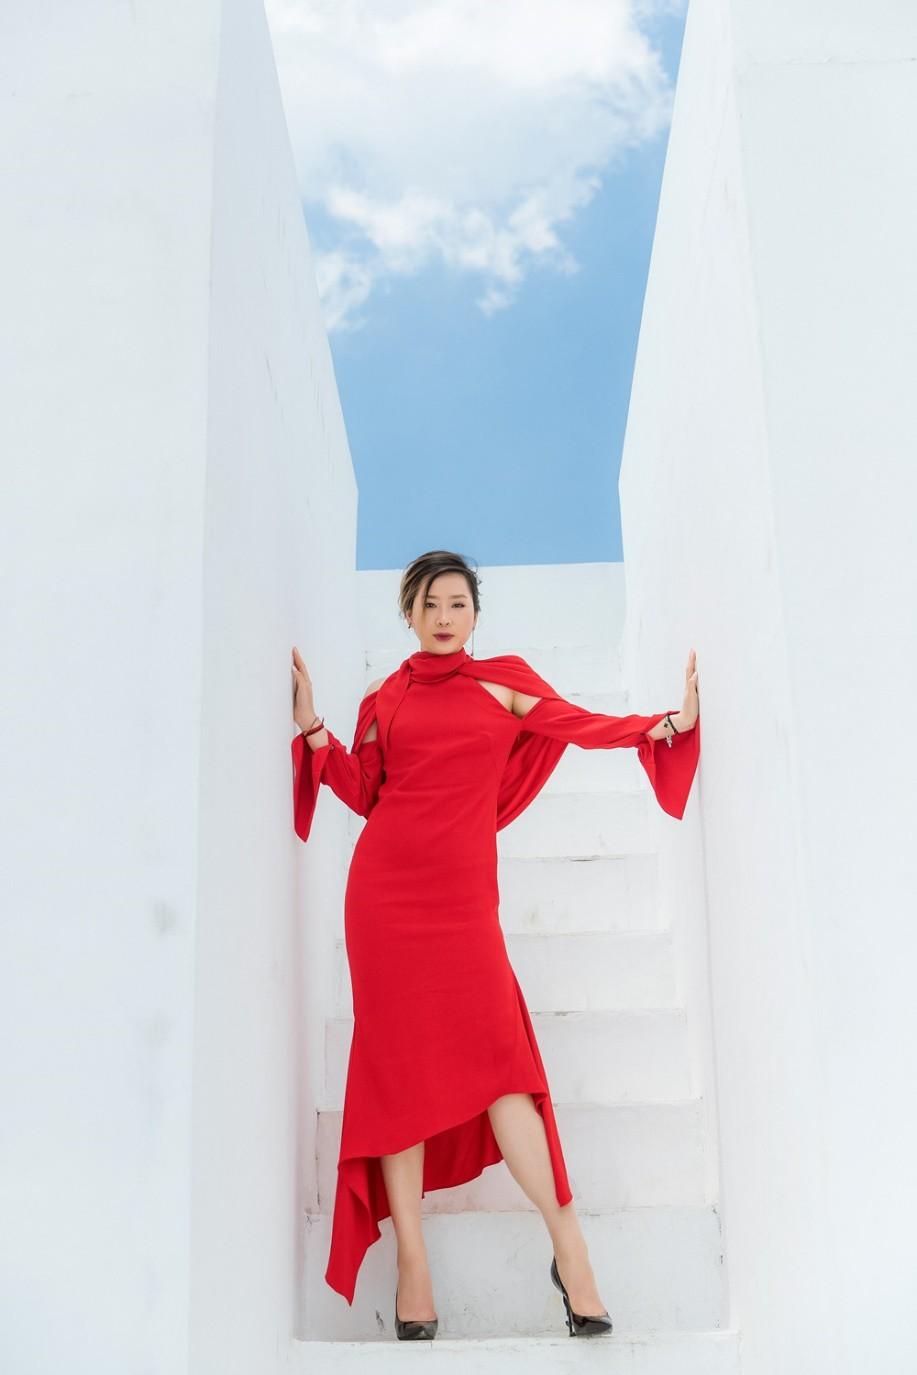 """Gặp gỡ cô nàng du học sinh """"mặc chất"""" như fashionista khiến NTK Văn Thành Công xao xuyến - Ảnh 8."""